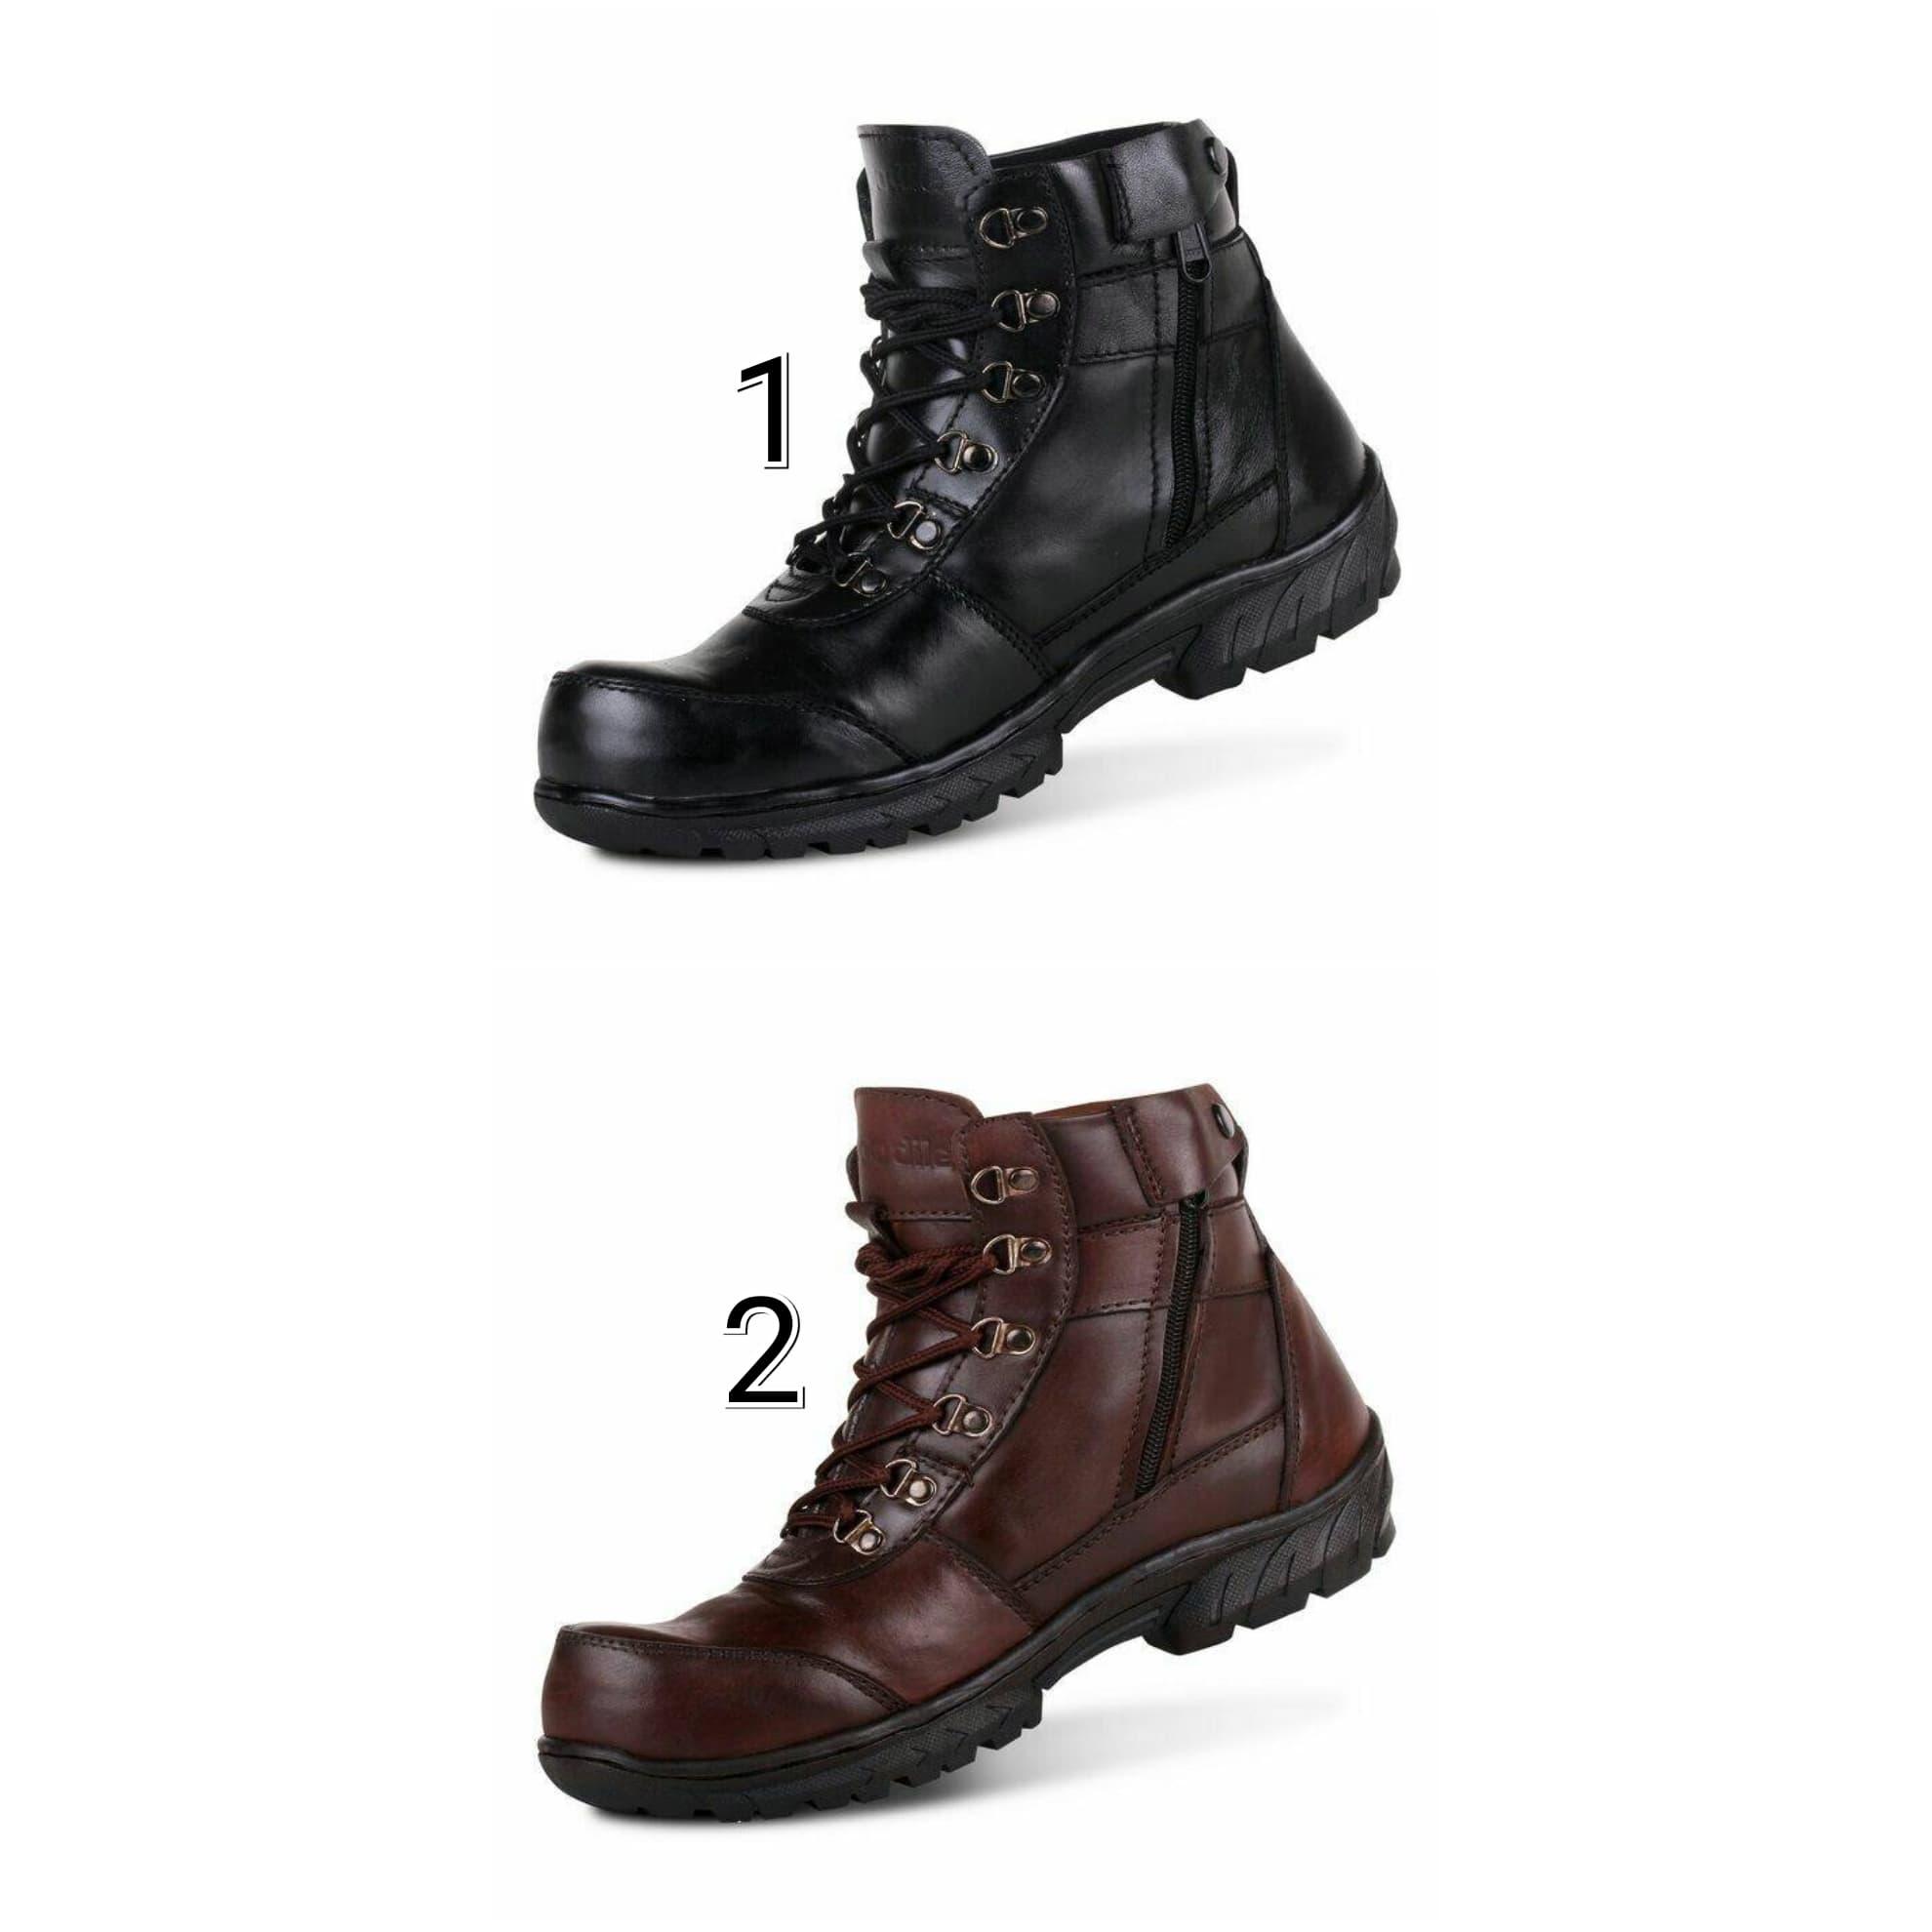 PENAWARAN Sepatu Boots Pria Crocodile Proyek Zip Kulit Asli Safety Ujung  Besi 61d4f7e4ac